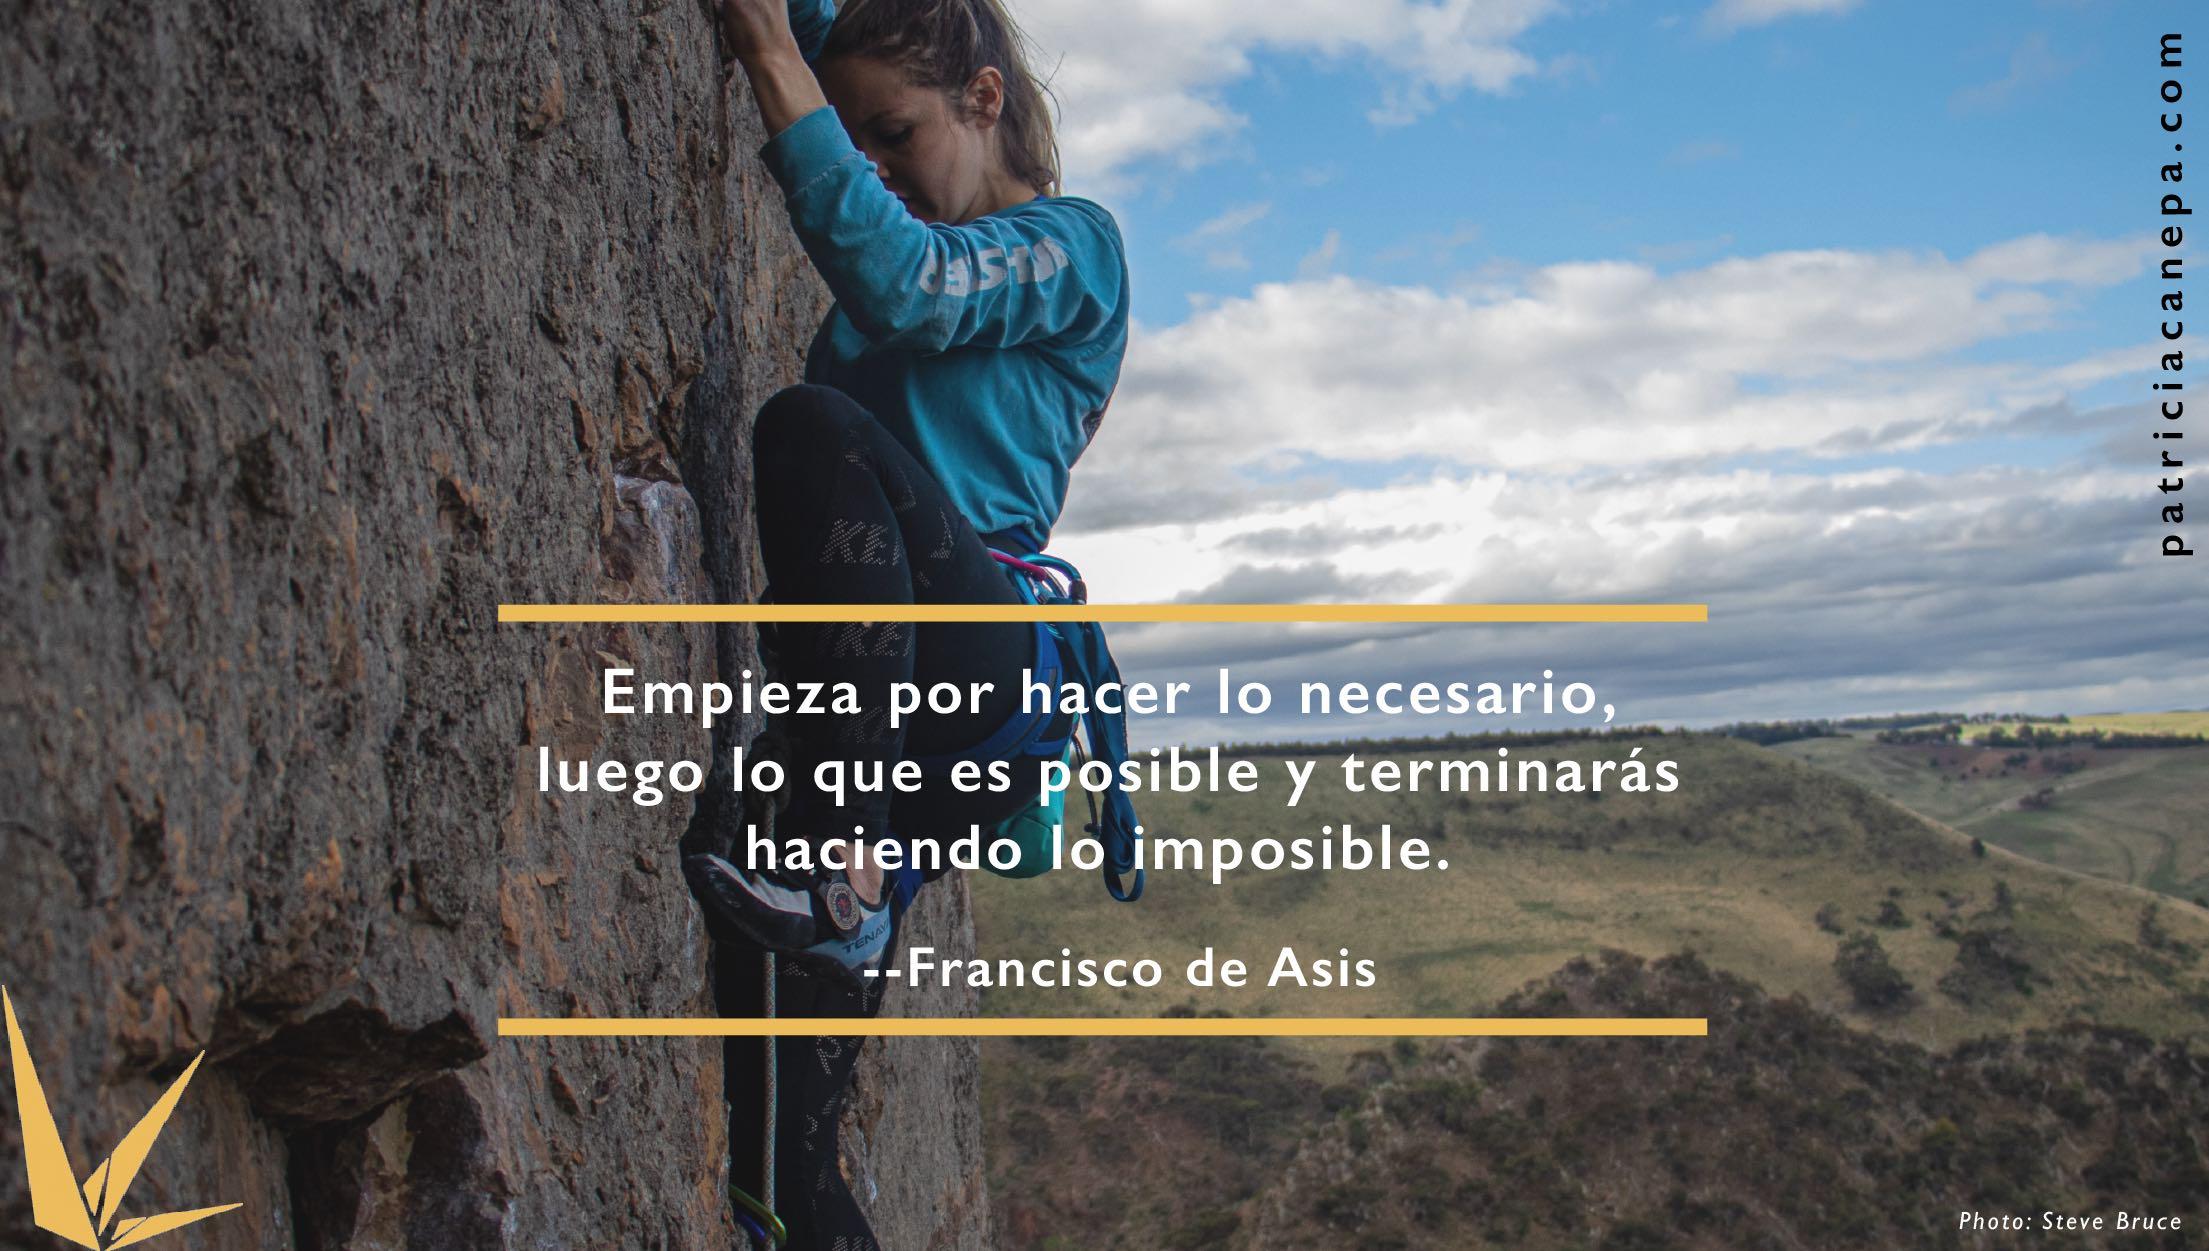 Inspiración para estos tiempos - I 1 |  Patricia Cánepa | inspiración | 29 octubre, 2020 | LHH DBM Perú